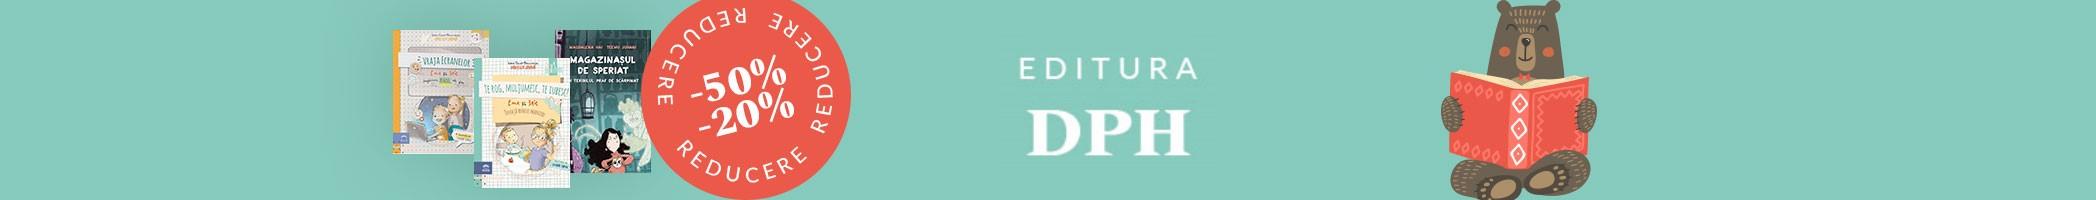 DPH mai reduceri